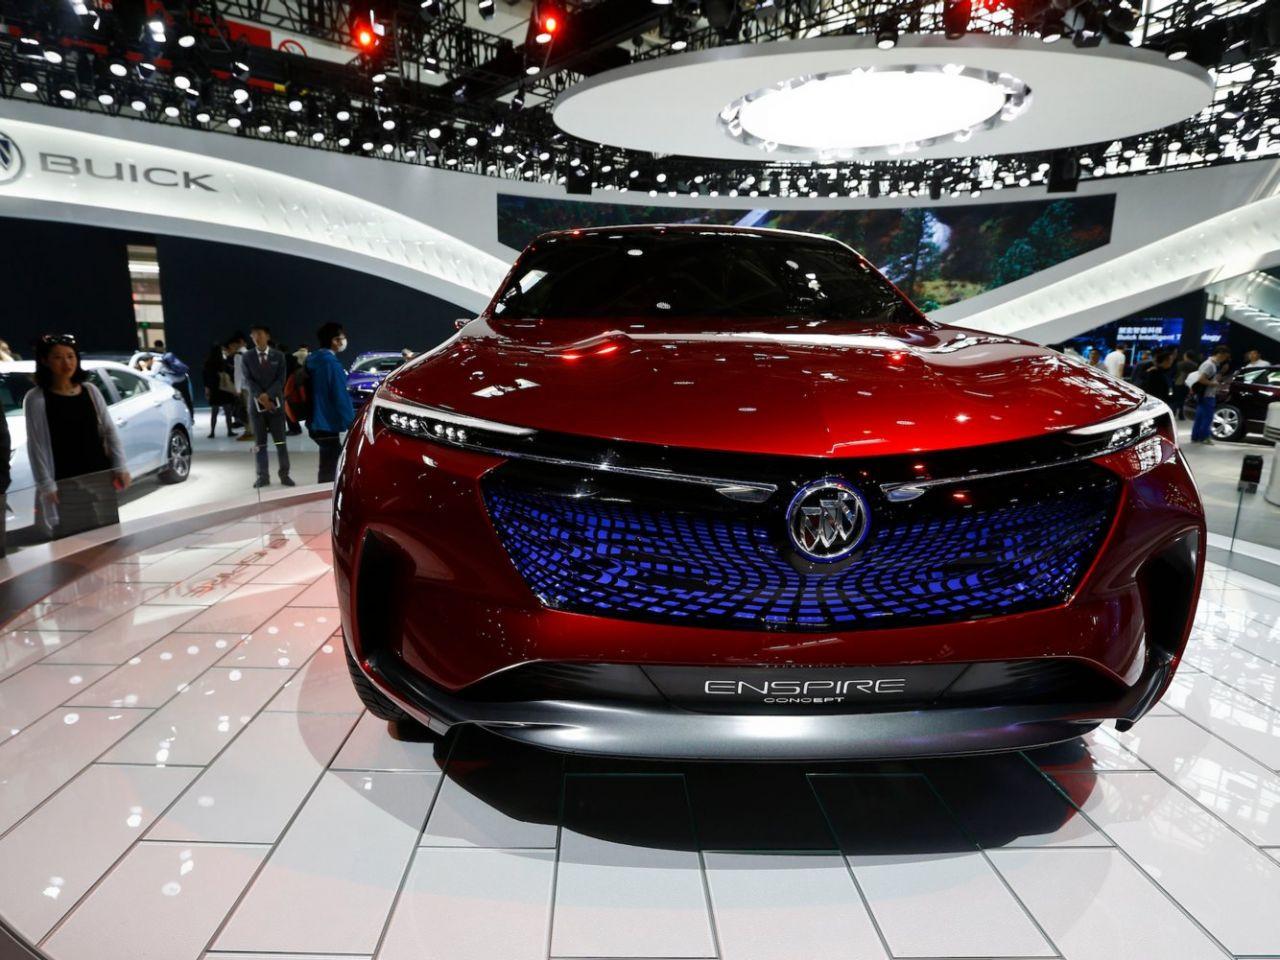 Pekin Otomobil Fuarı'nda sergilenen etkileyici otomobiller! - Page 1